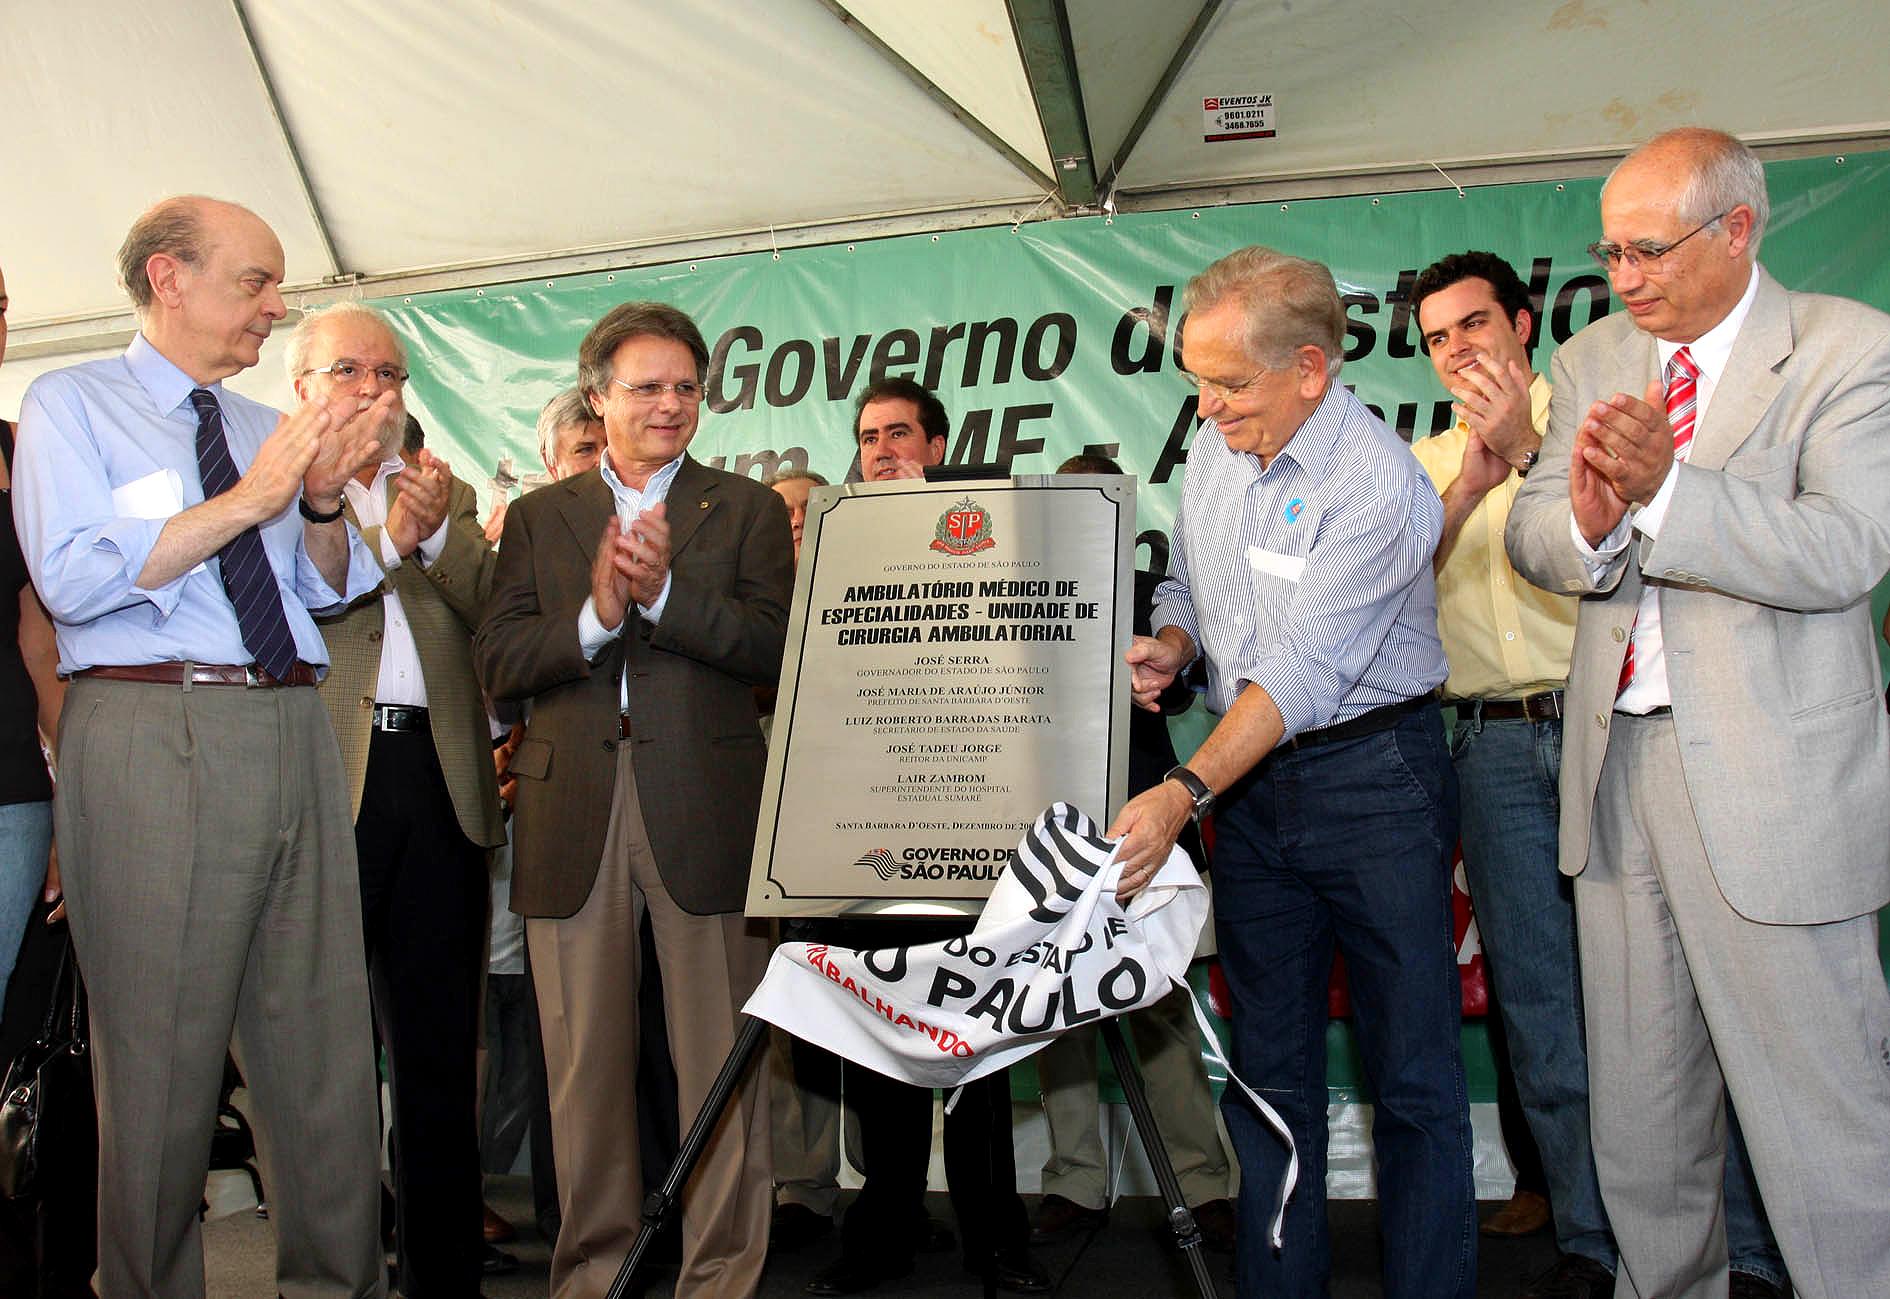 O governador José Serra inaugura  AME Sta Barbara Data: 08/12/2008 Local: Santa Barbara do Oeste Foto: Ciete Silvério/Governo do Estado de SP